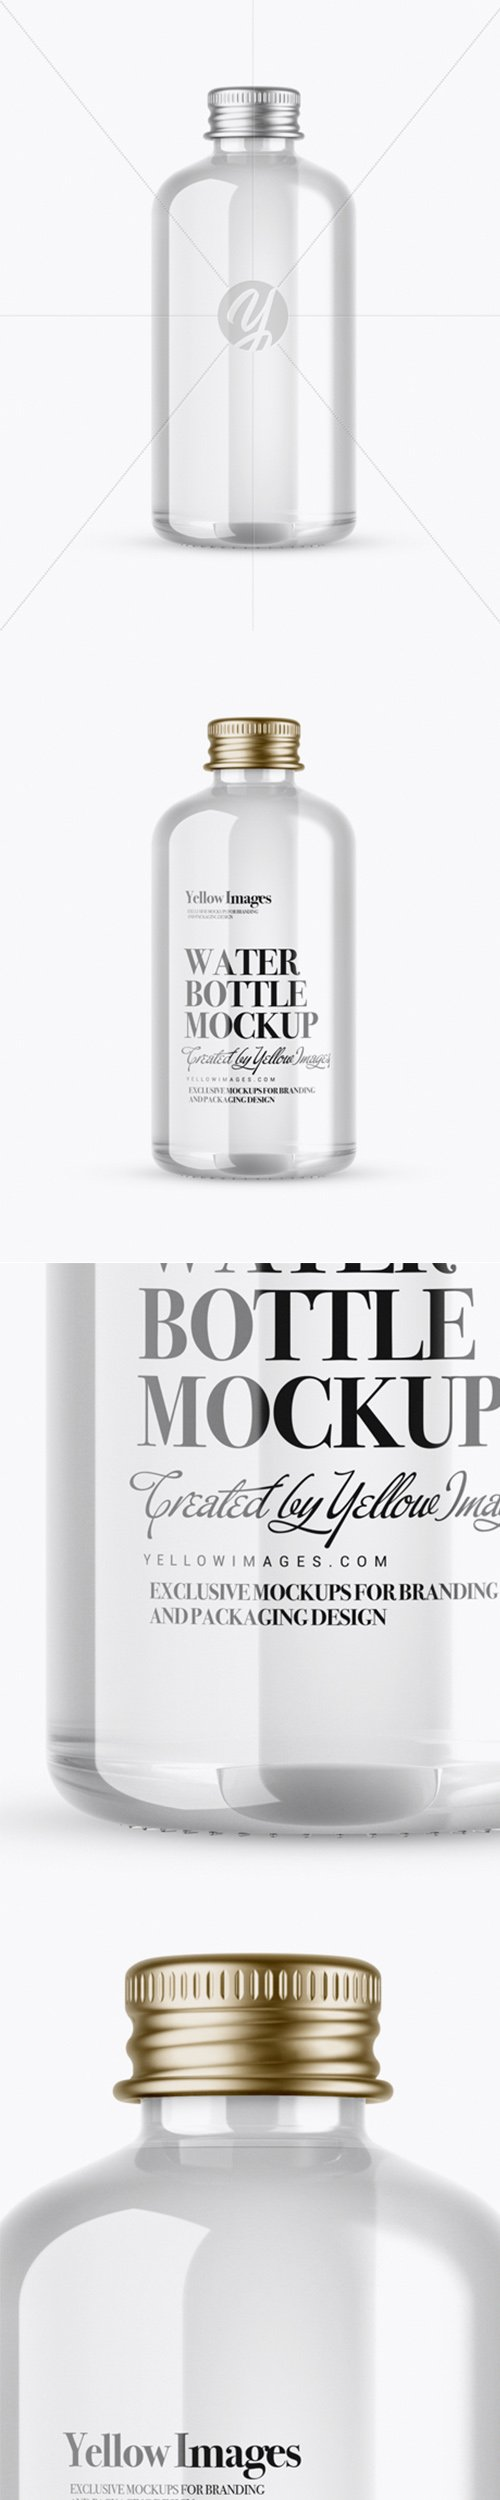 Clear Glass Water Bottle Mockup 21006 TIF